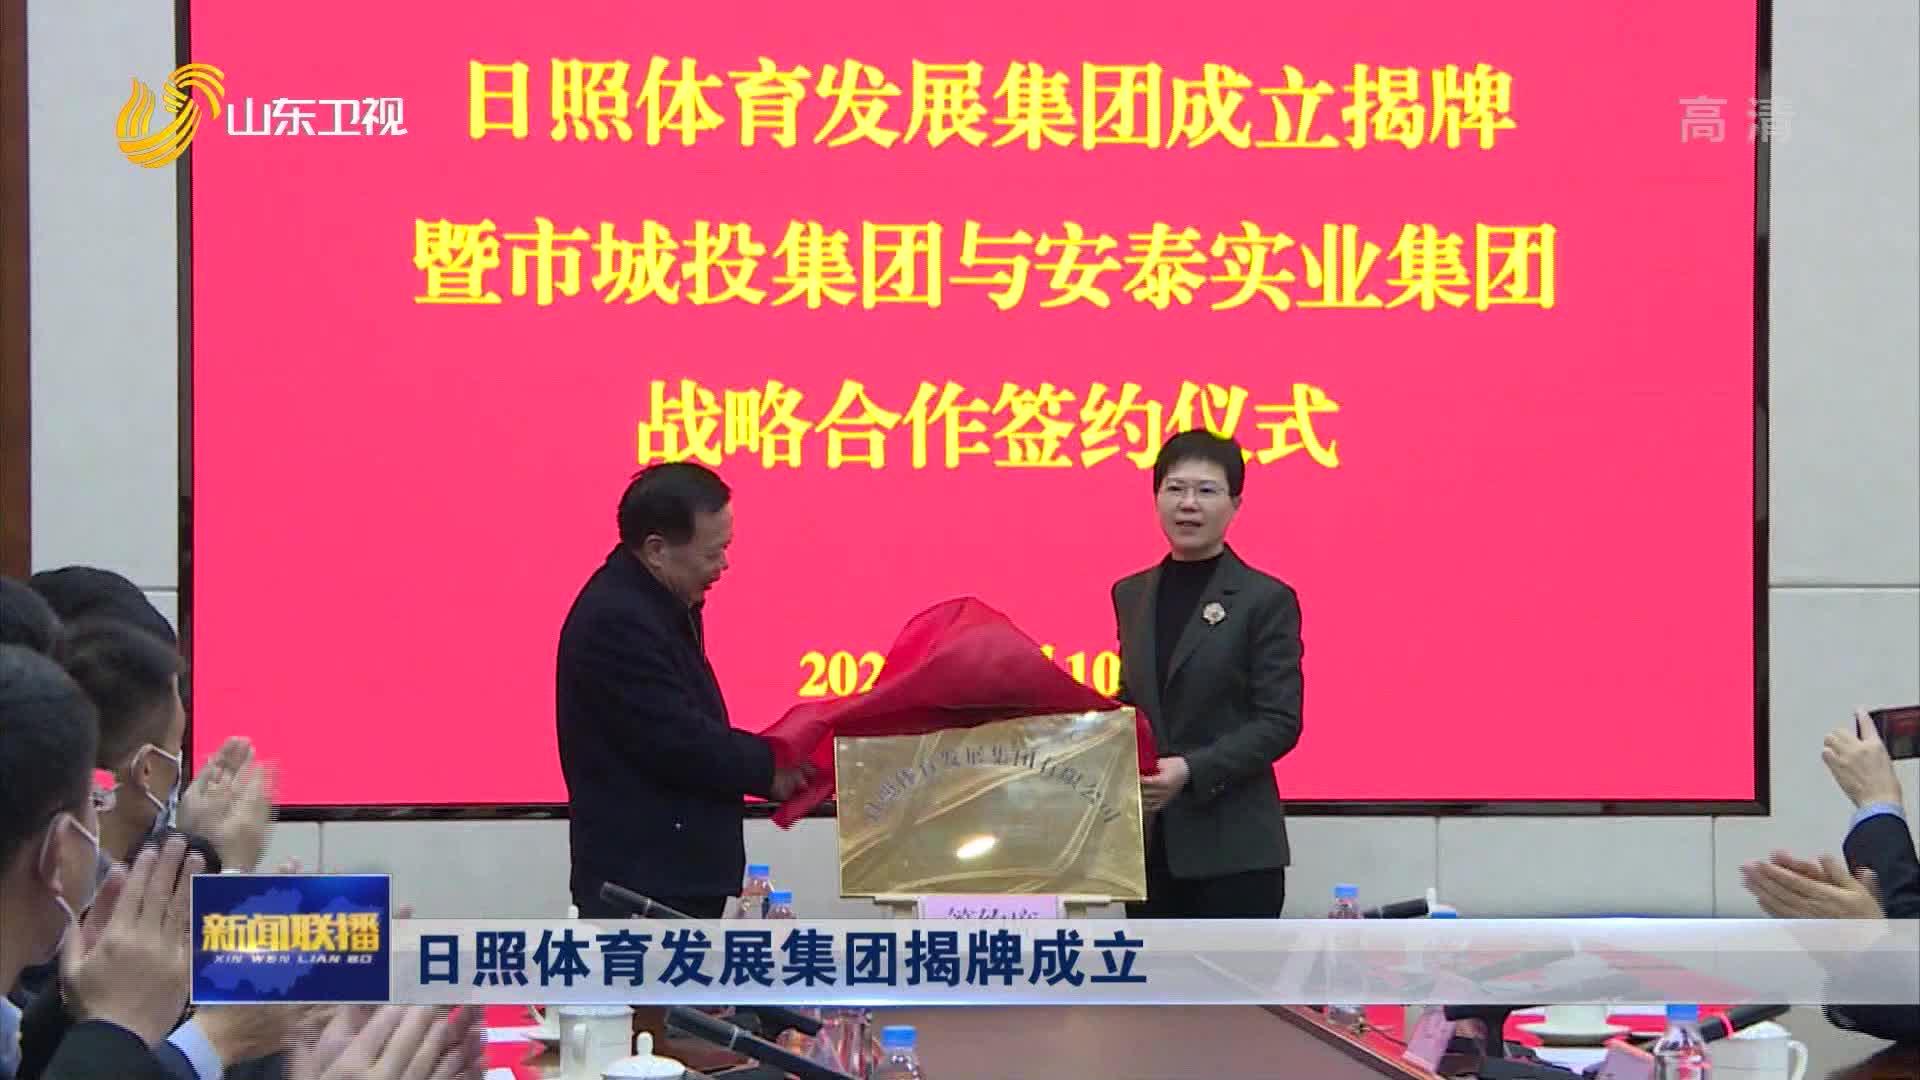 日照体育发展集团揭牌成立